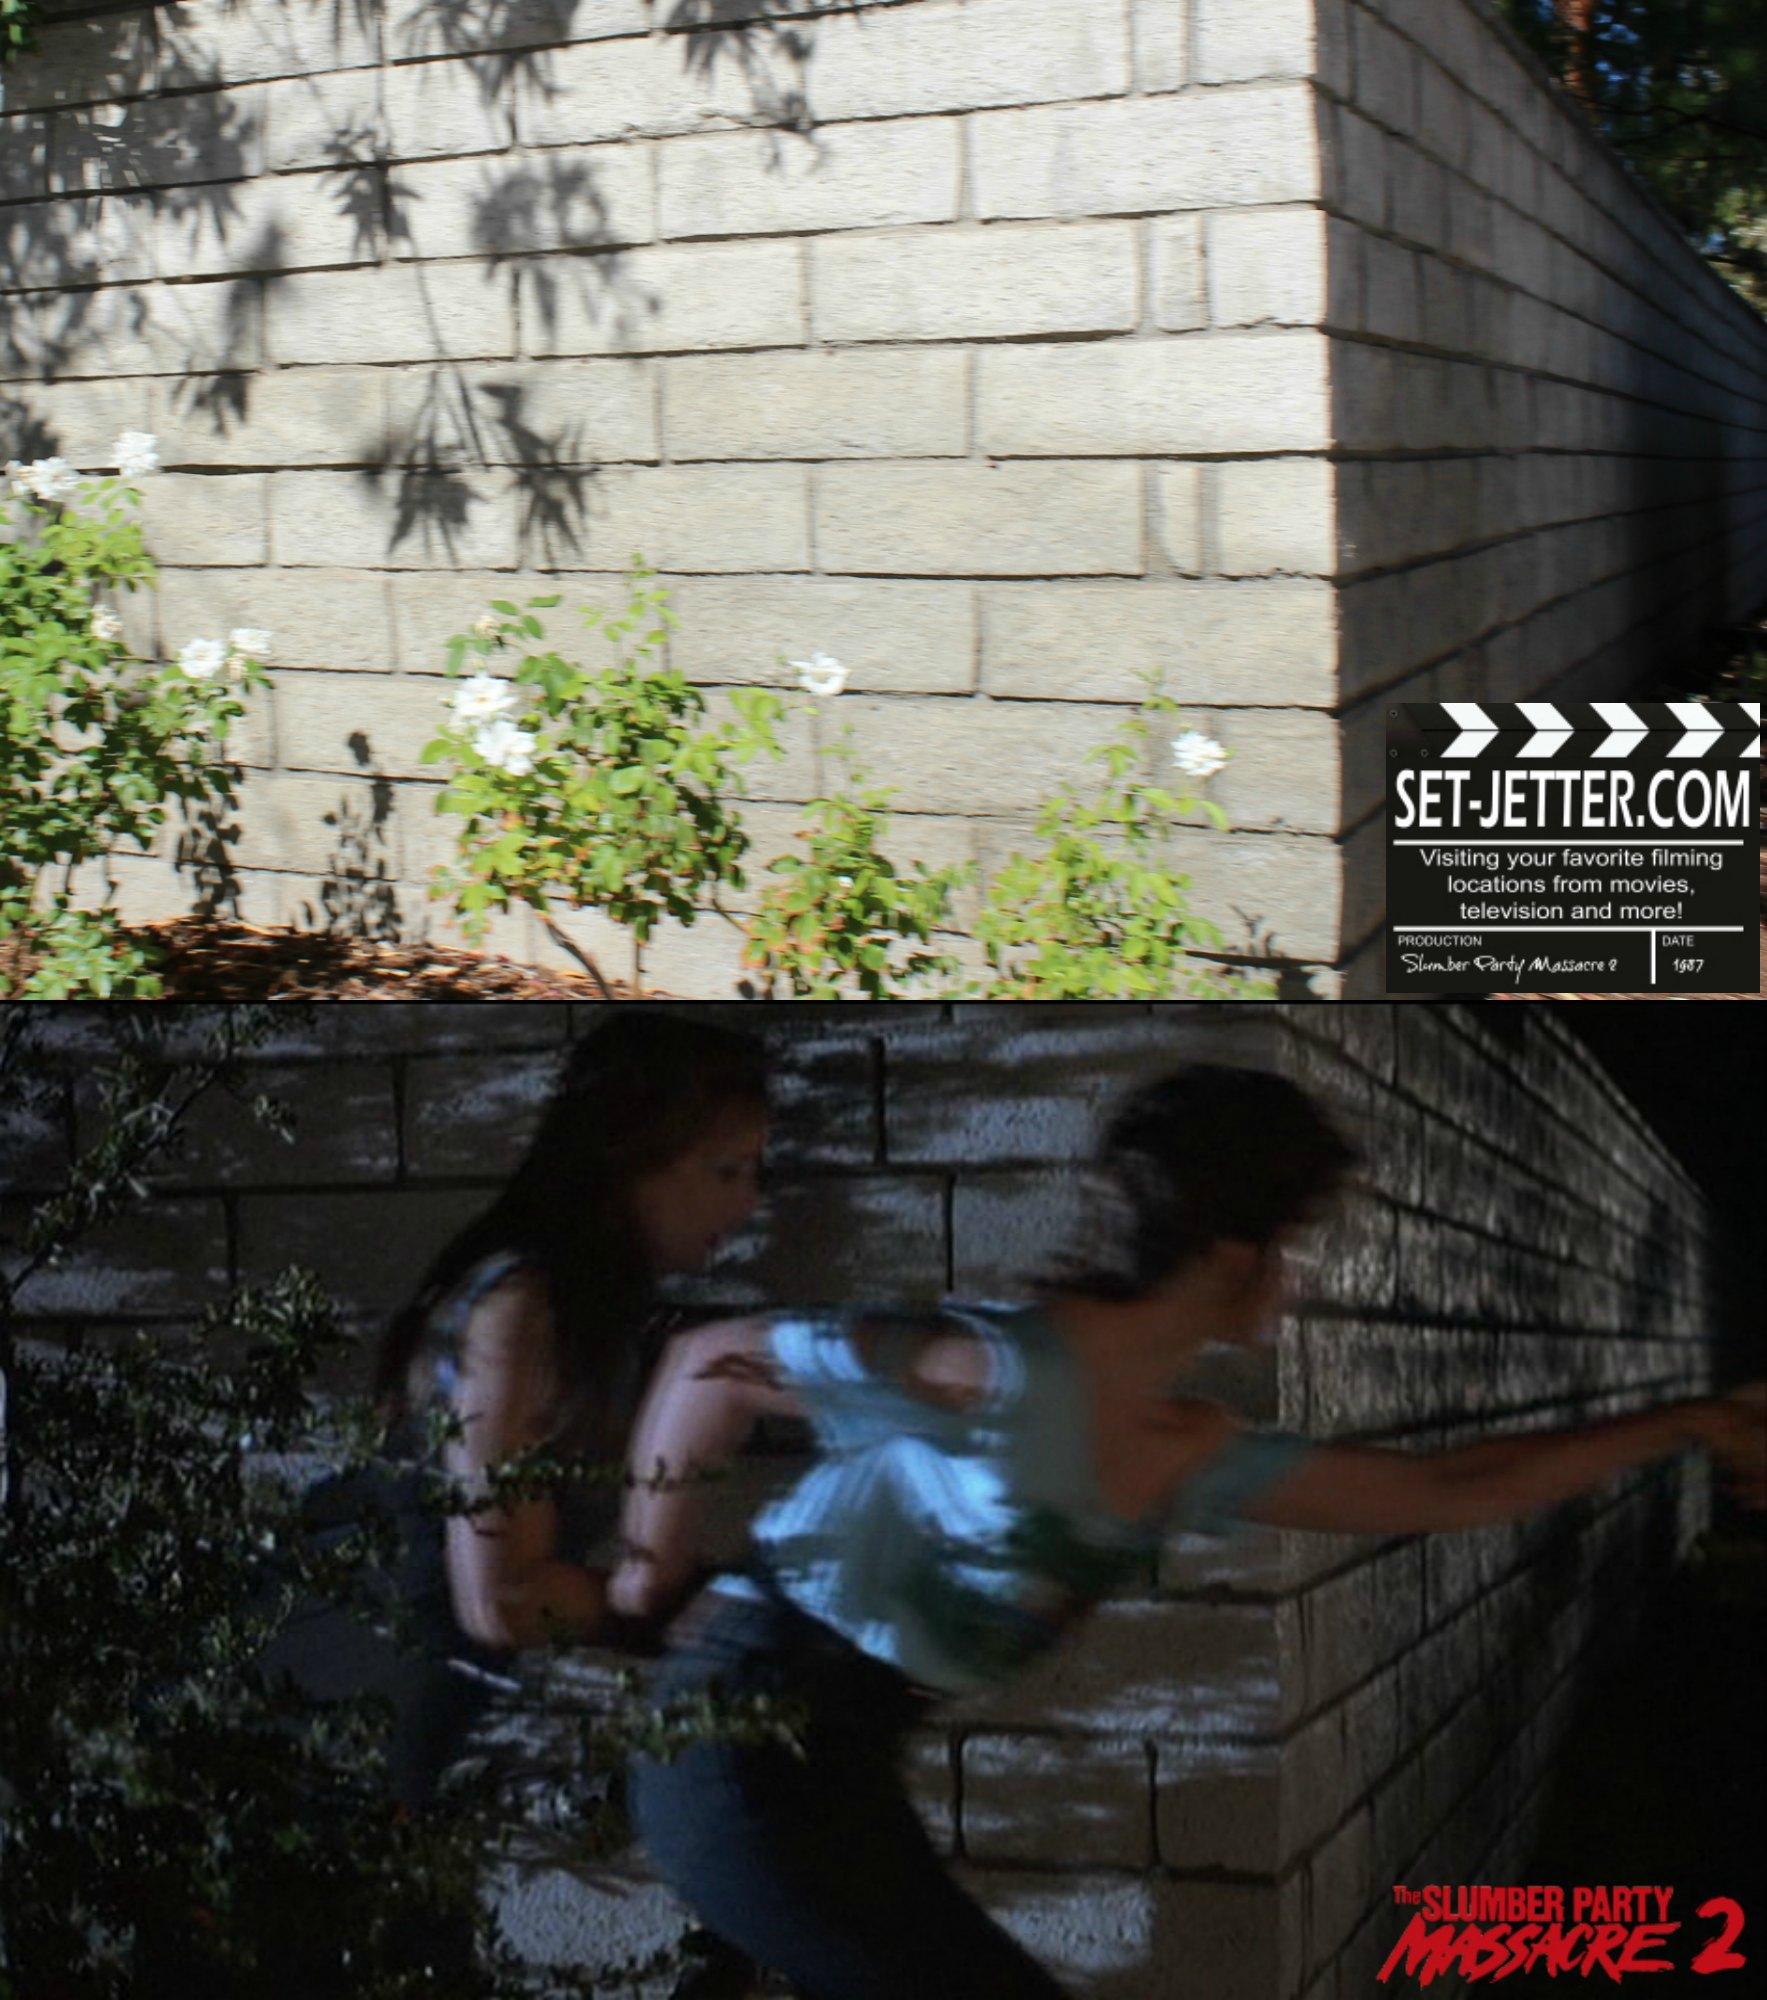 Slumber Party Massacre 2 comparison 56.jpg